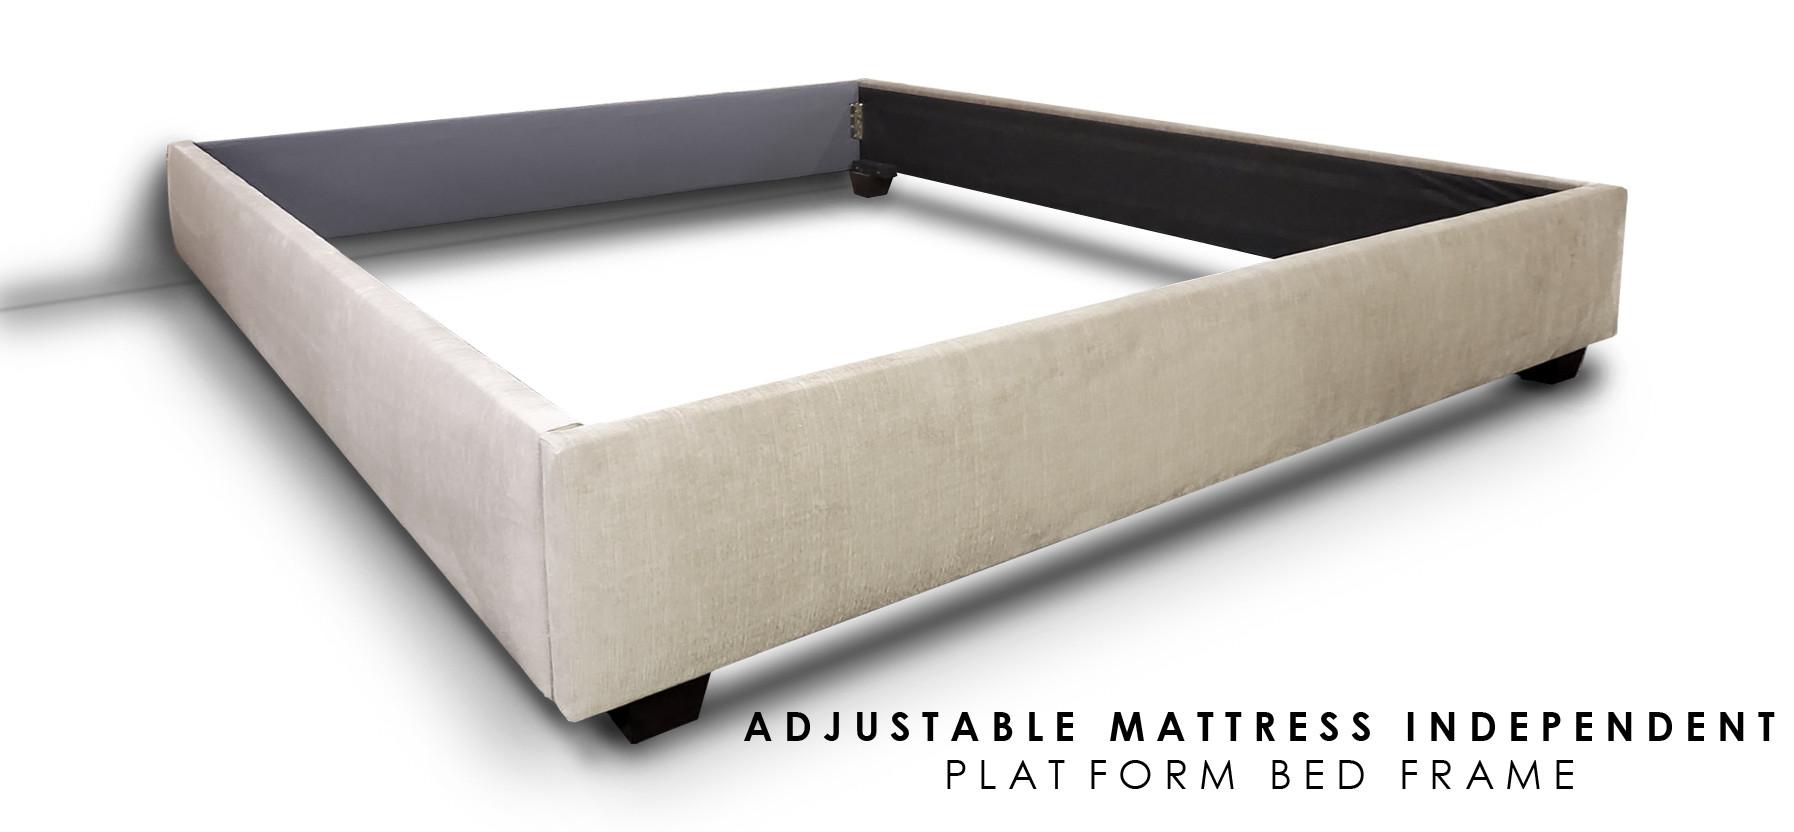 ADJUSTABLE INDEPENDENT PLATFORM BED FRAM